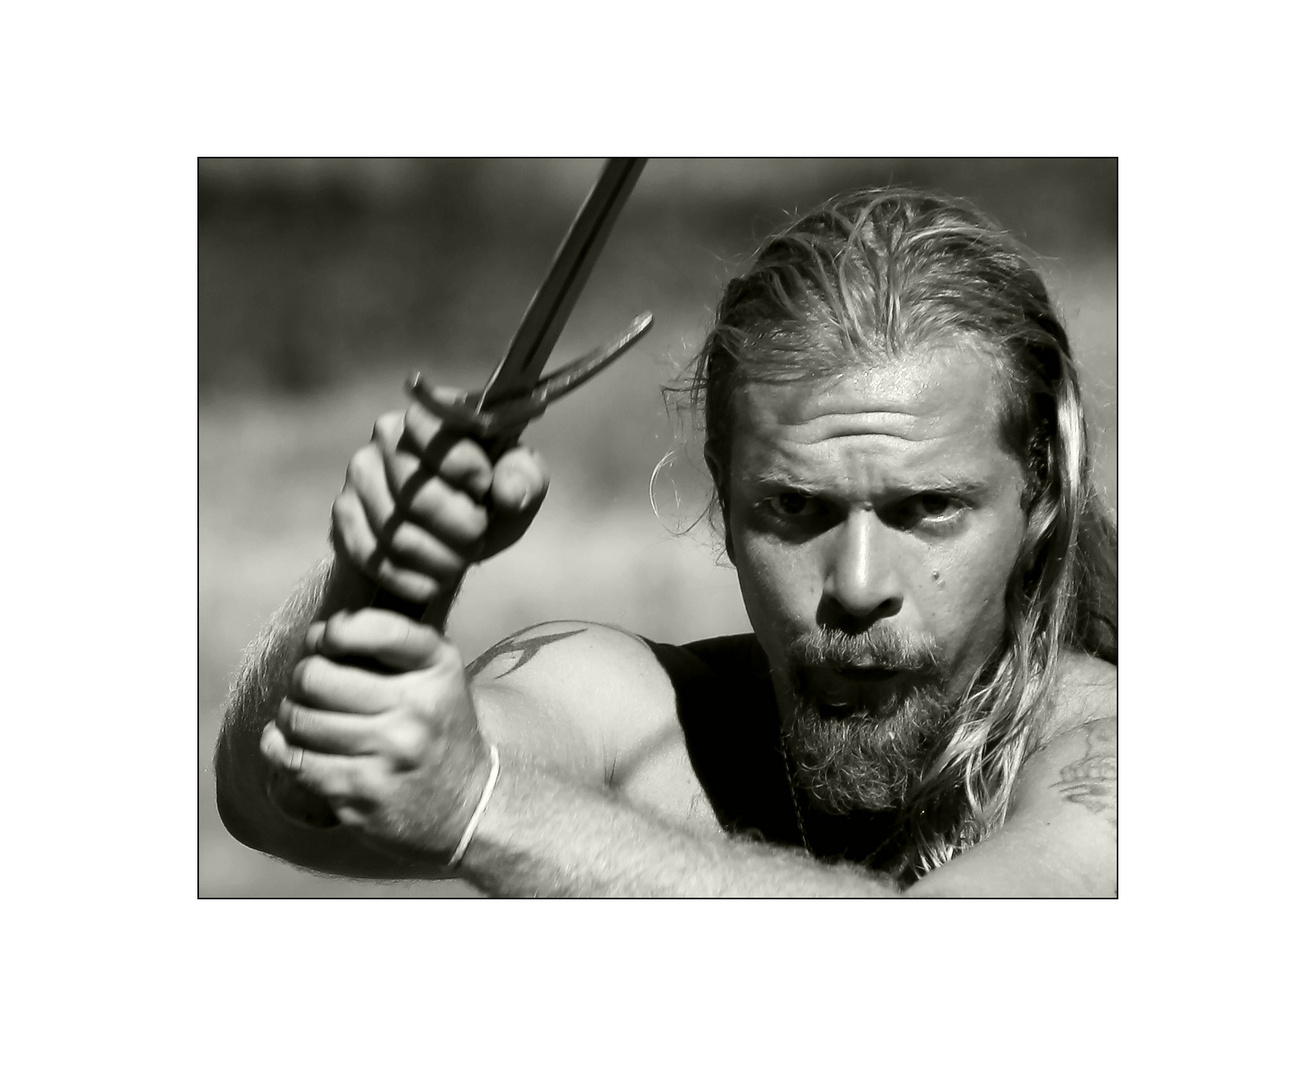 der Schwertkämpfer 2